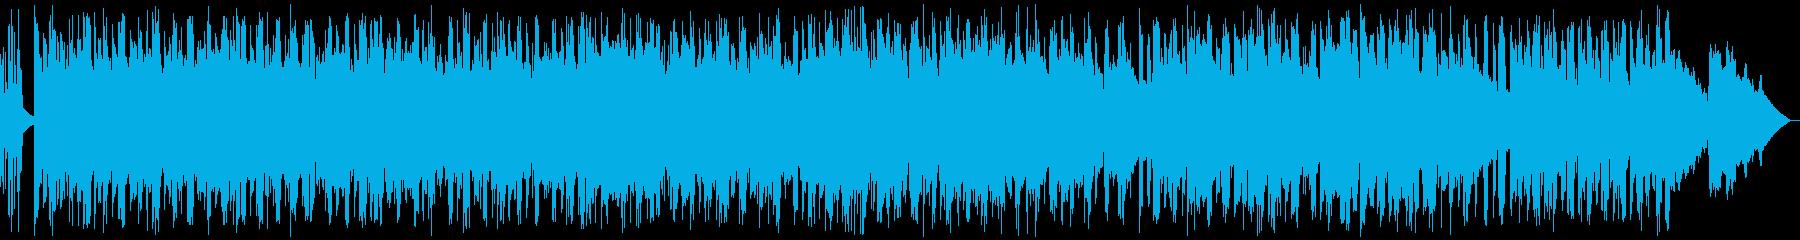 サラサラ ジャズ リラックス のん...の再生済みの波形